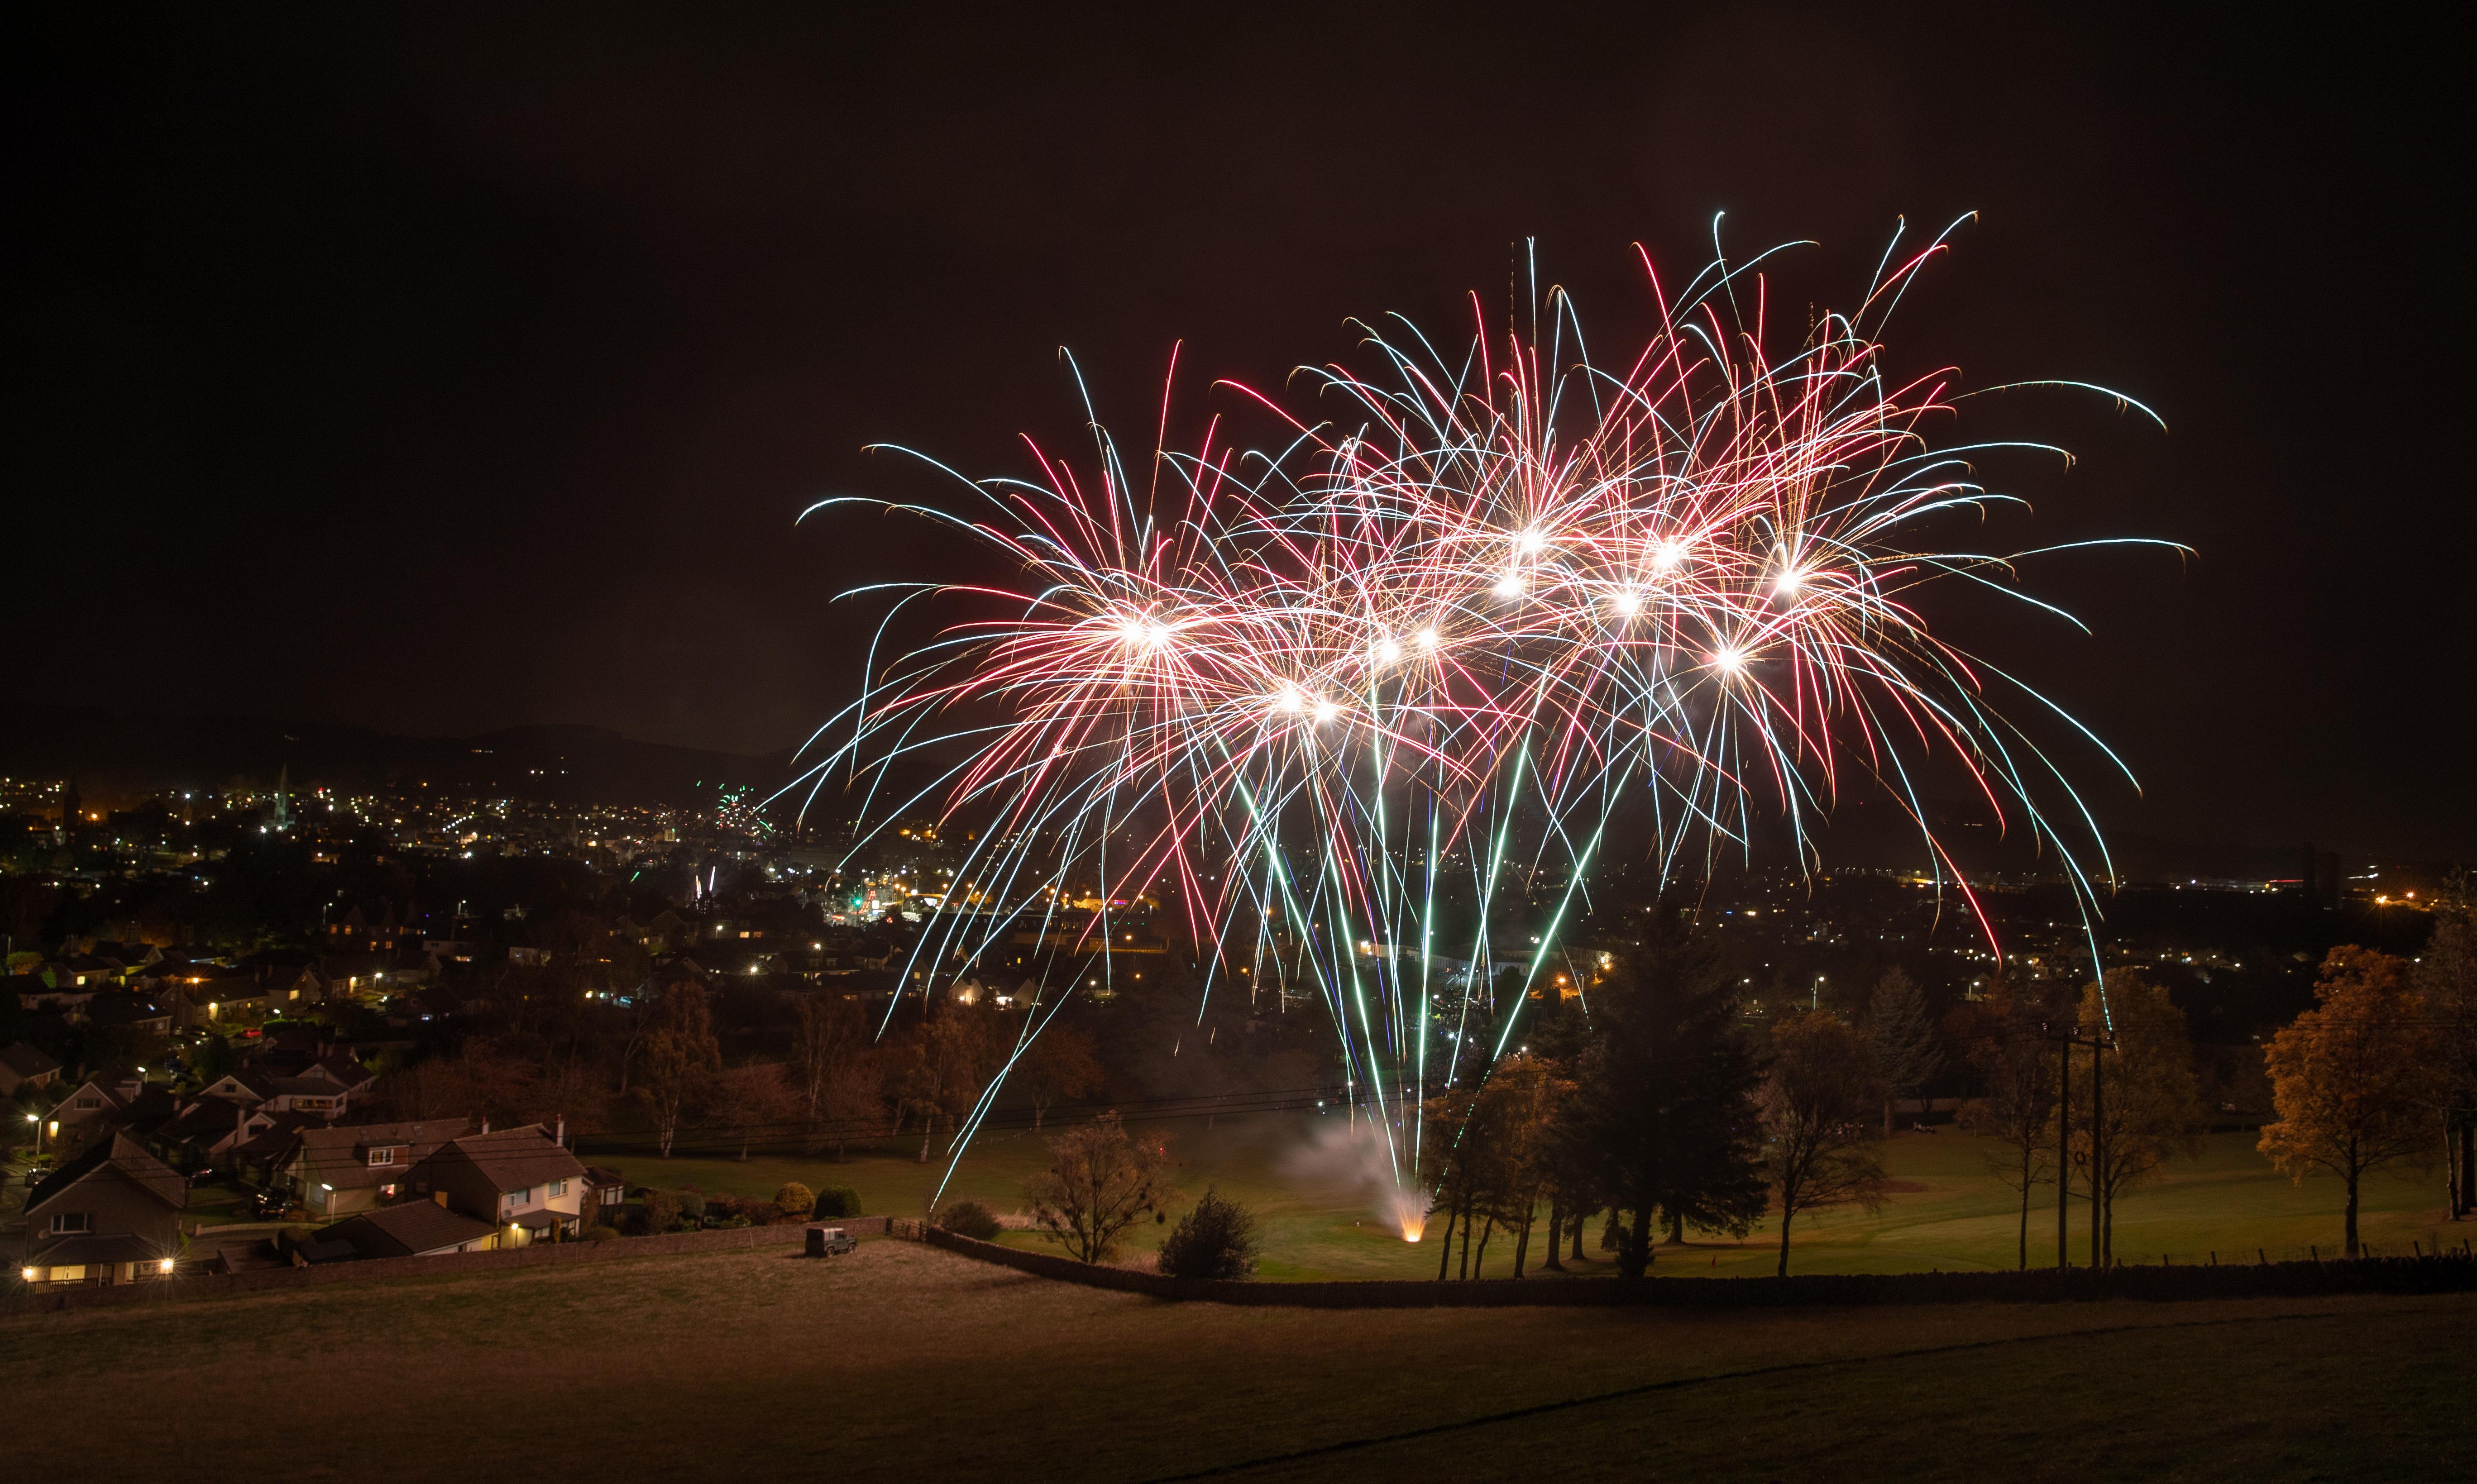 Cupar Golf Club fireworks in 2018